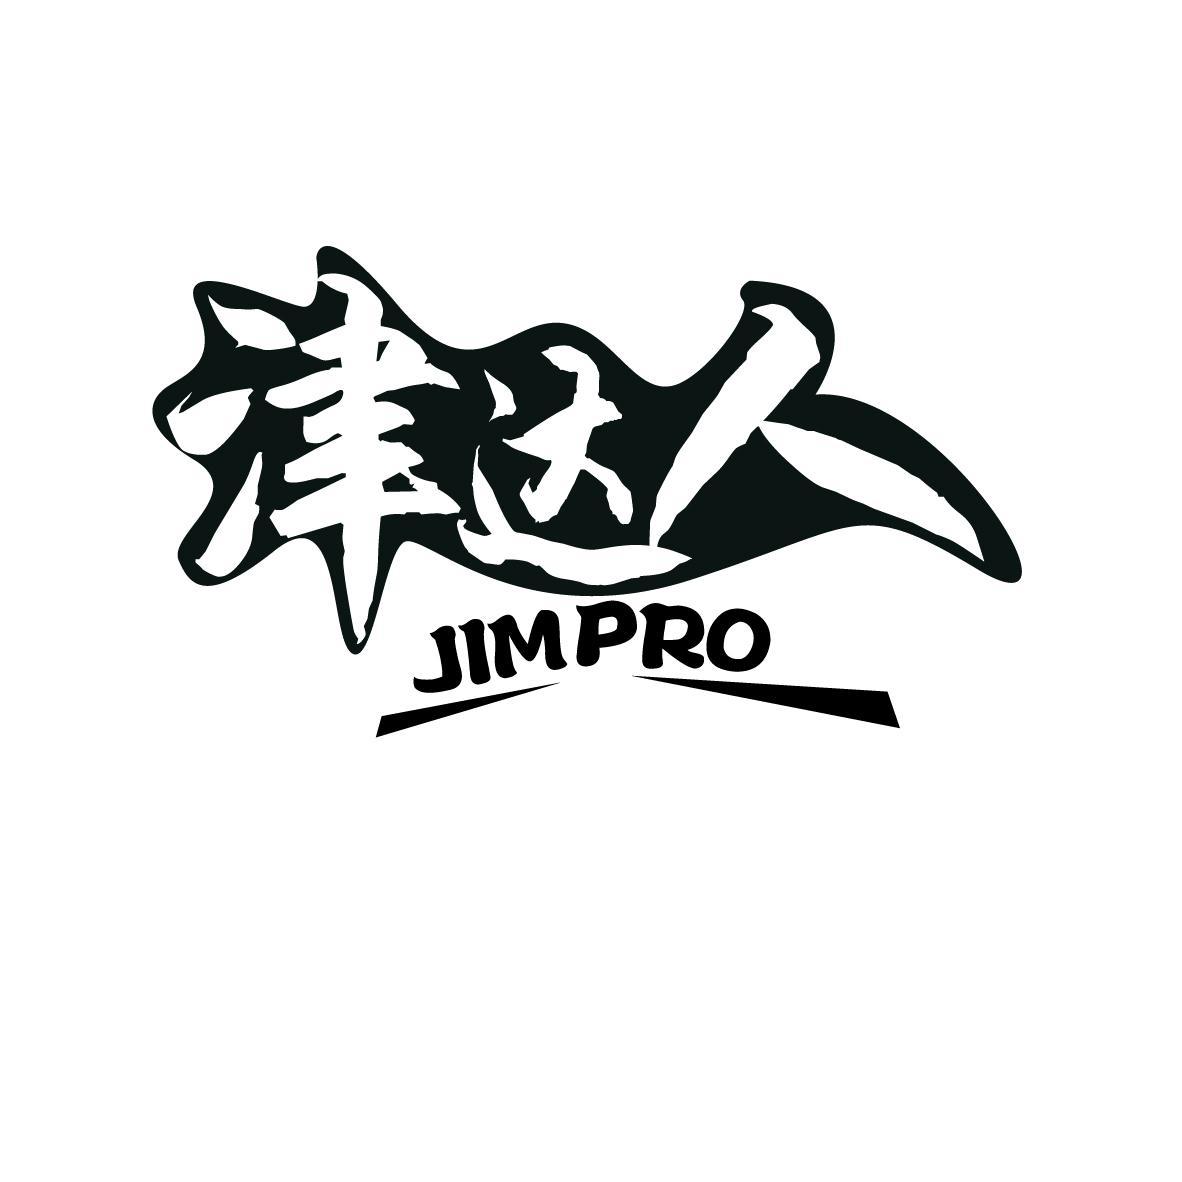 转让商标-津达人 JIMPRO